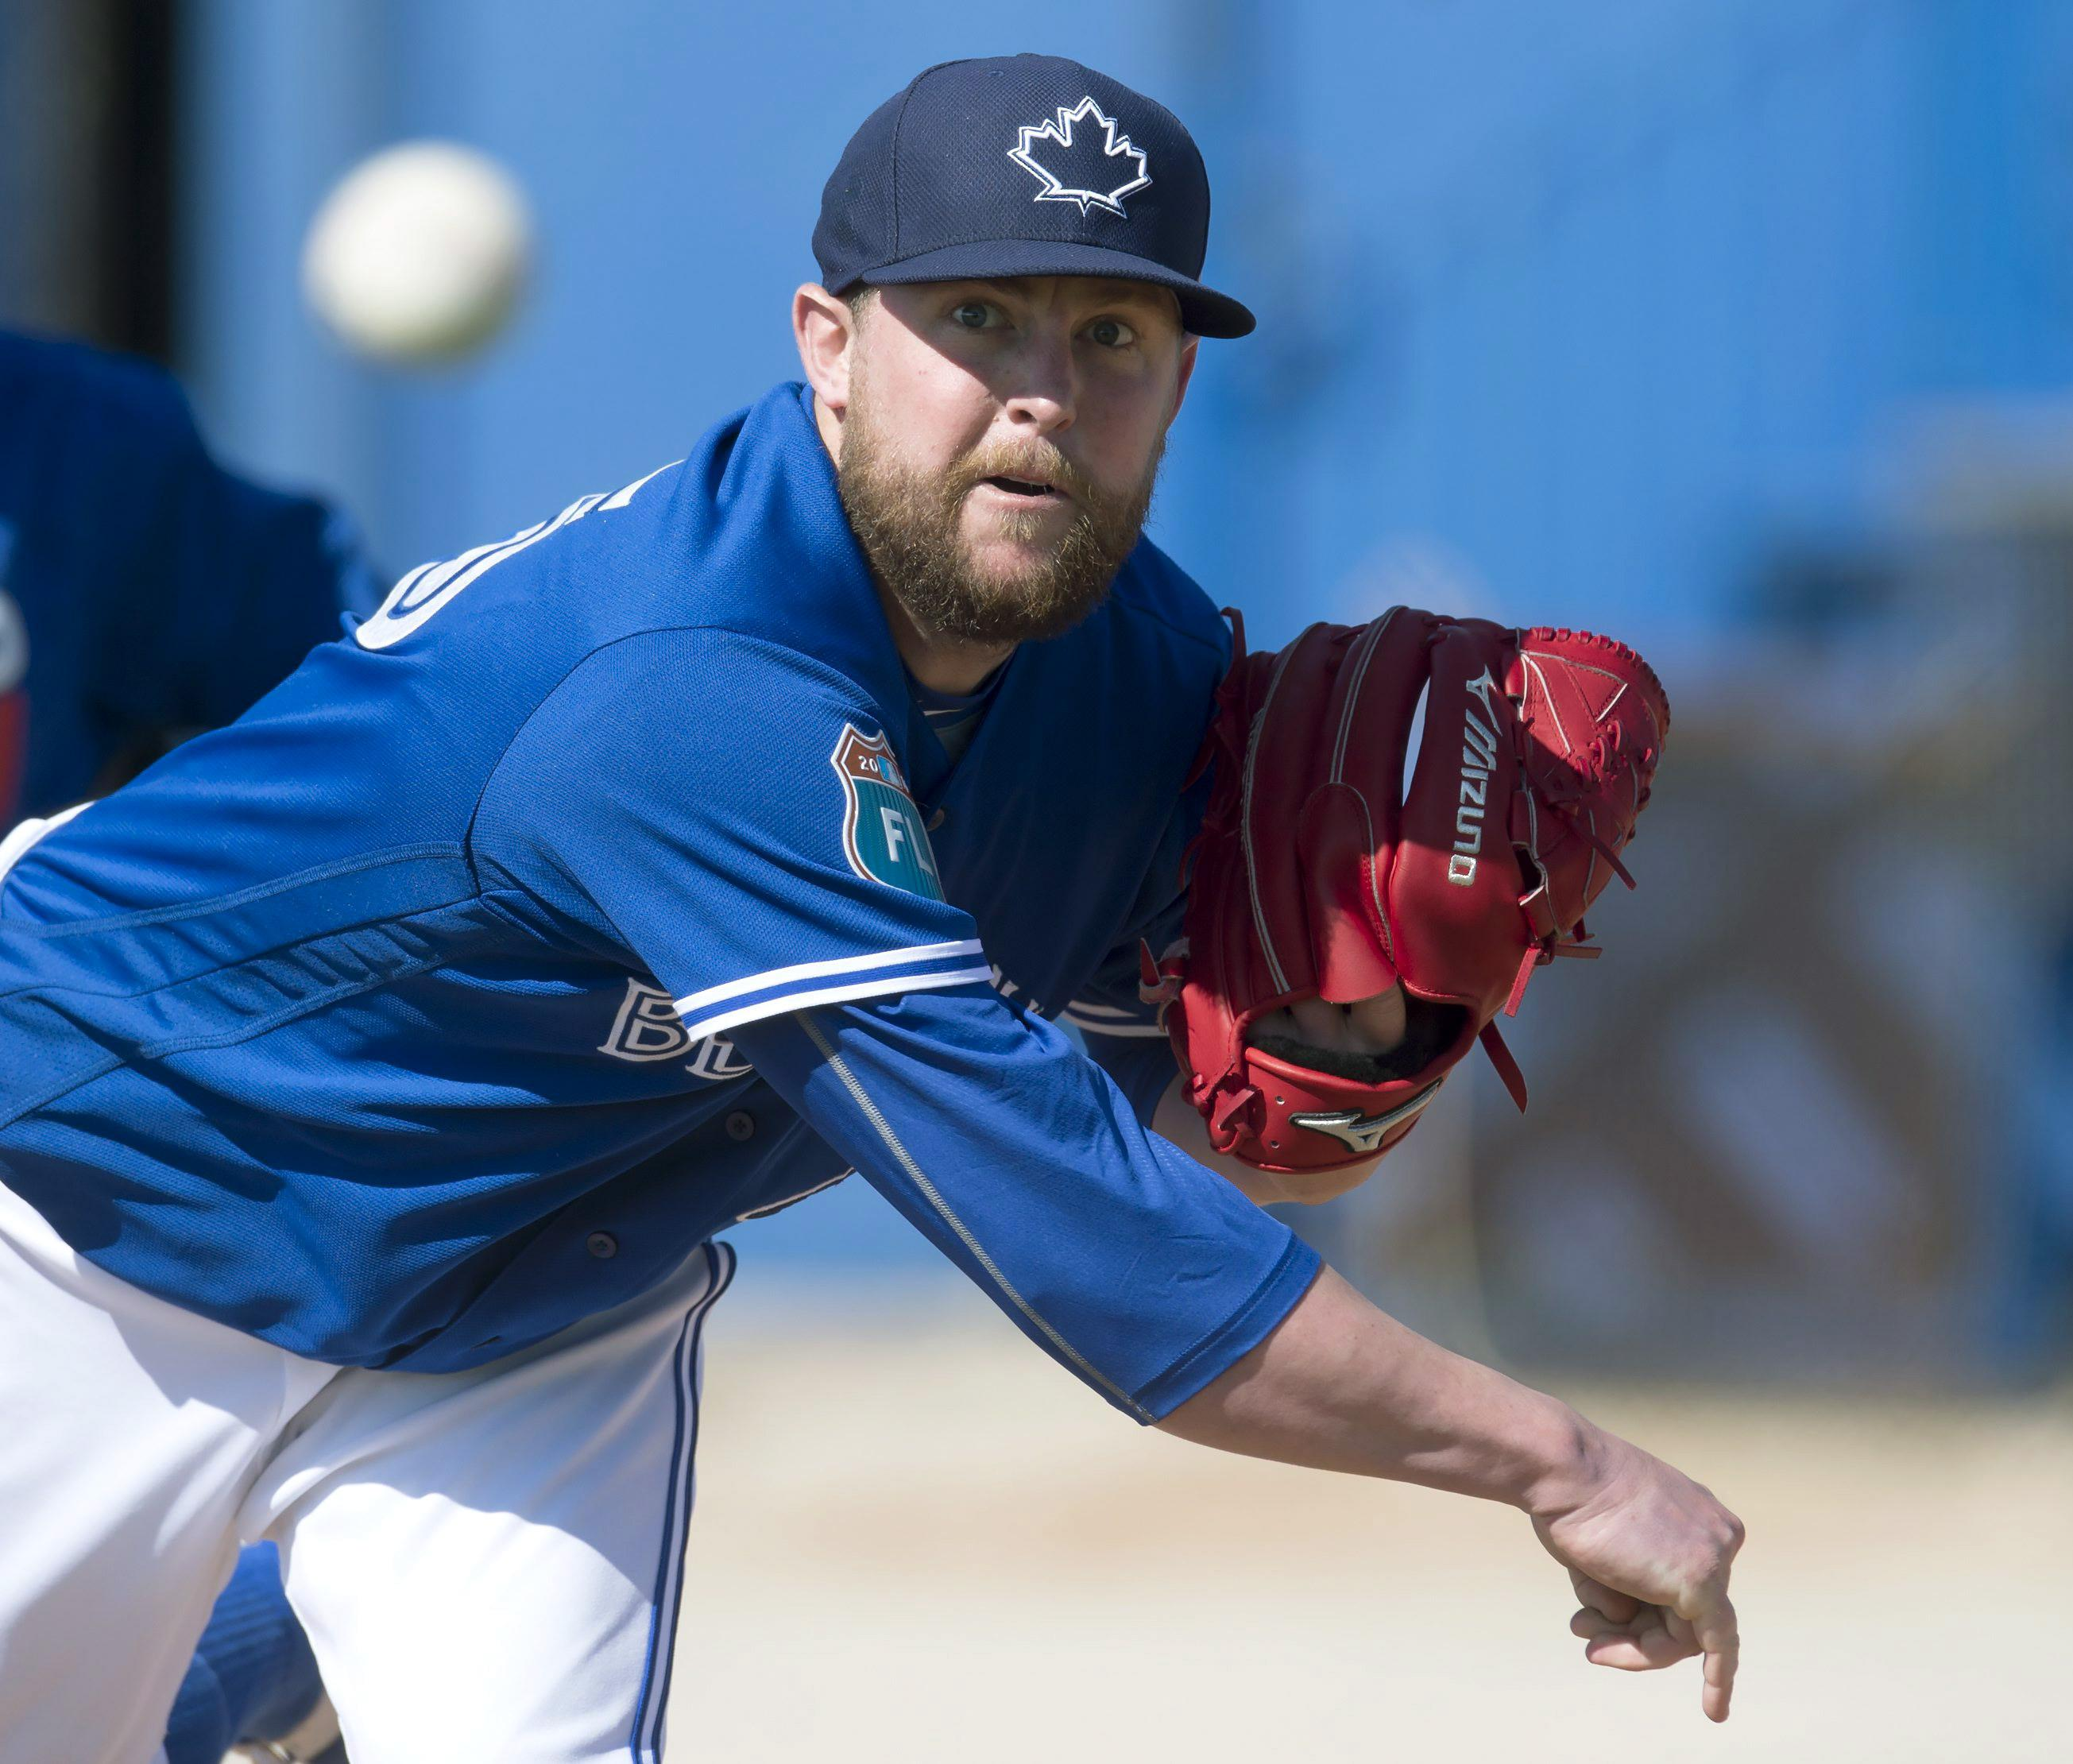 Blue_jays_storen_baseball